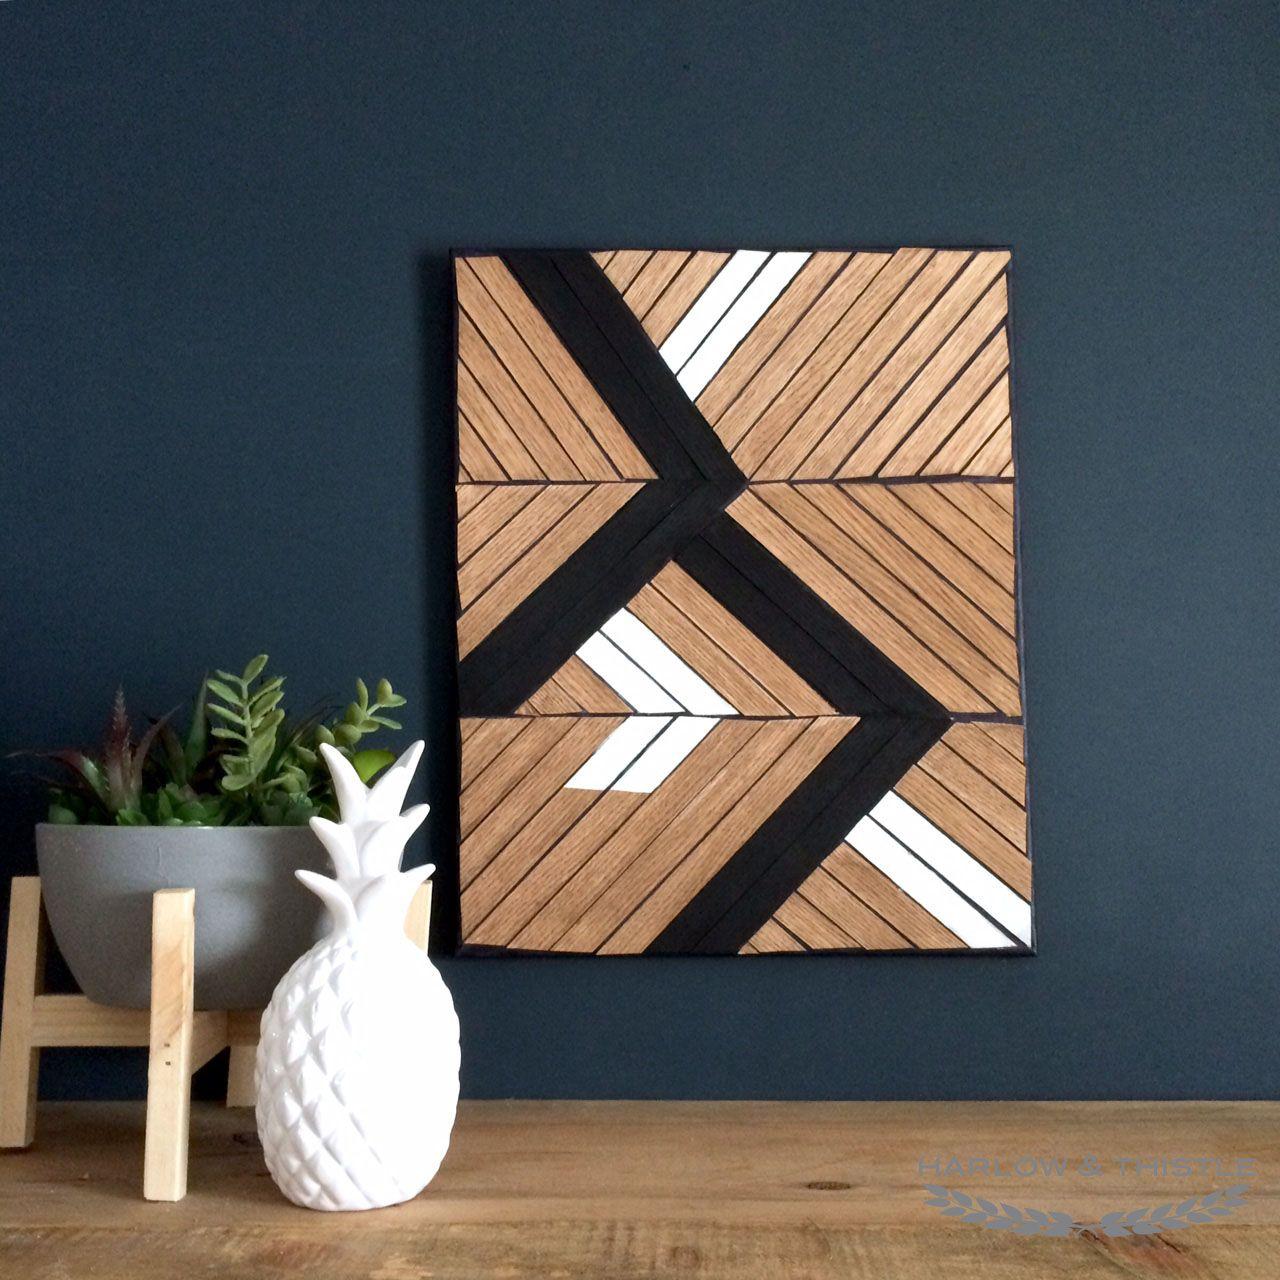 Harlow Thistle Home Design Lifestyle Diy Diy Wood Veneer